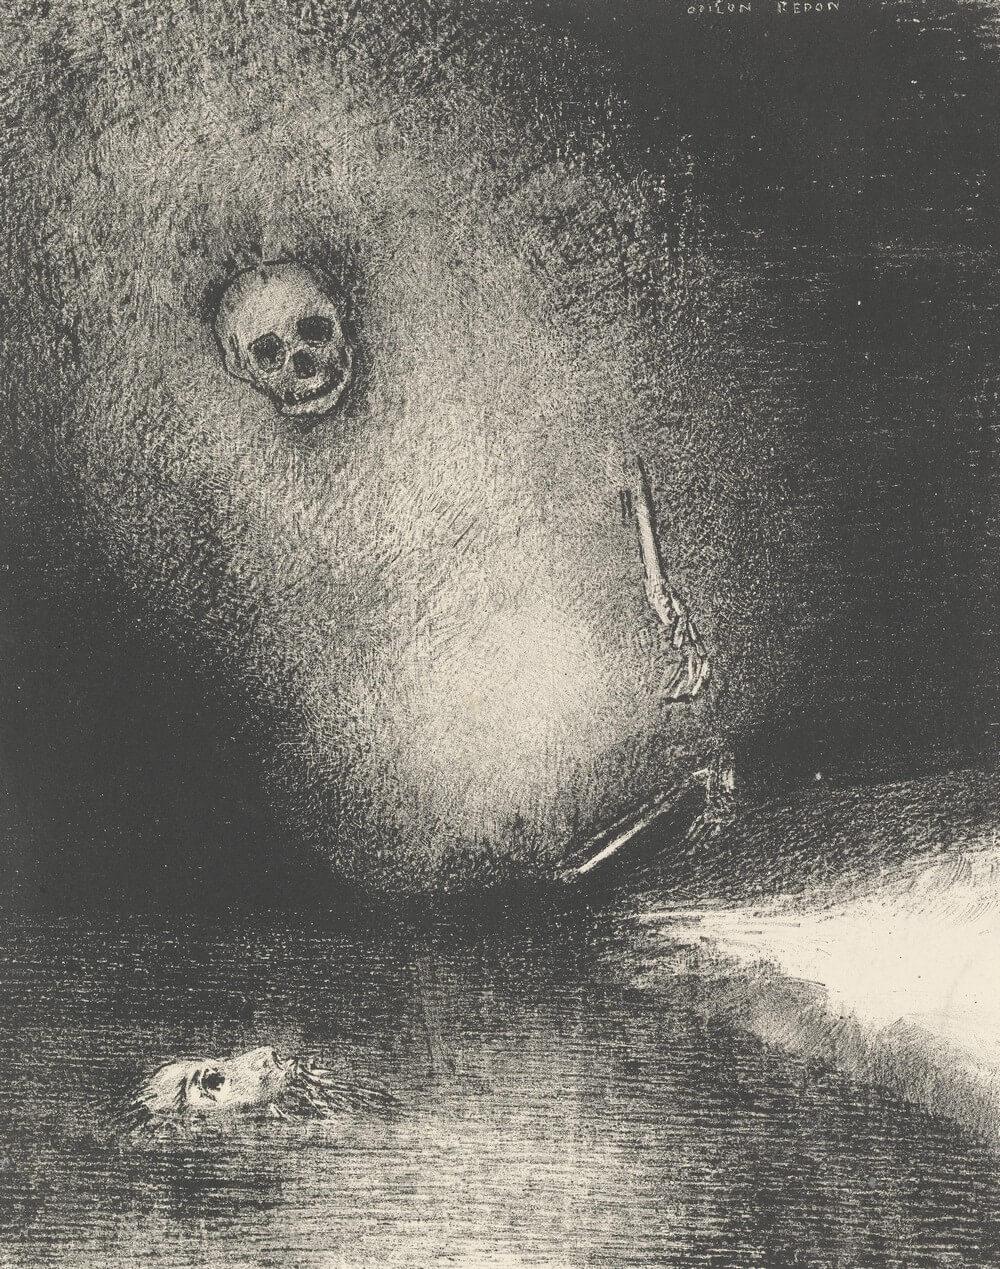 Le rêve s'achève par la mort. Odilon Redon.  Jean-Roger Caussimon. Zing de dood niet. Ne chantez pas la mort. Léo Ferré. Vertalingen Vivienne Stringa